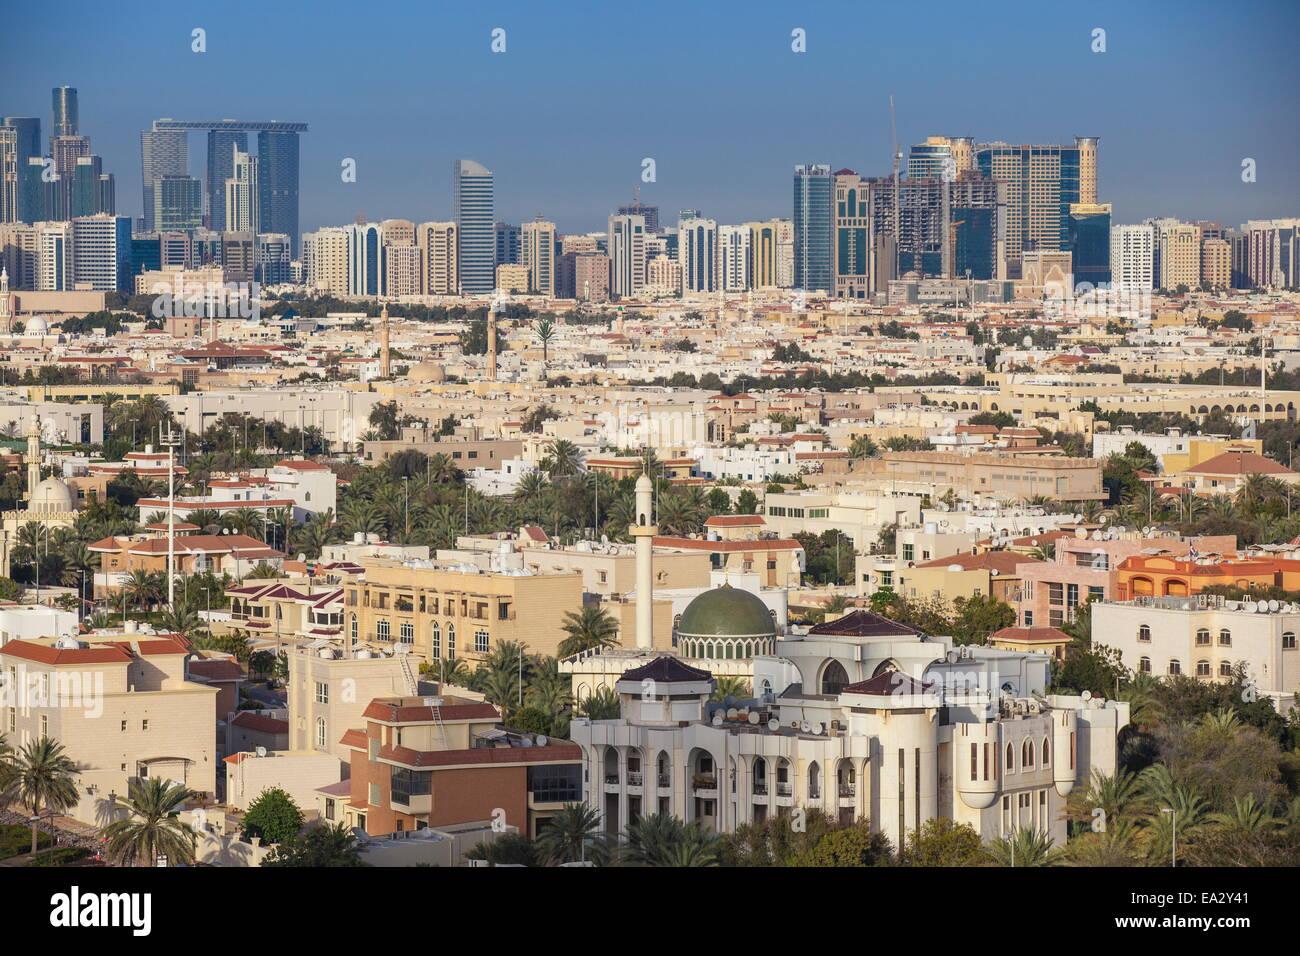 Vista dello skyline della città, Abu Dhabi, Emirati Arabi Uniti, Medio Oriente Immagini Stock